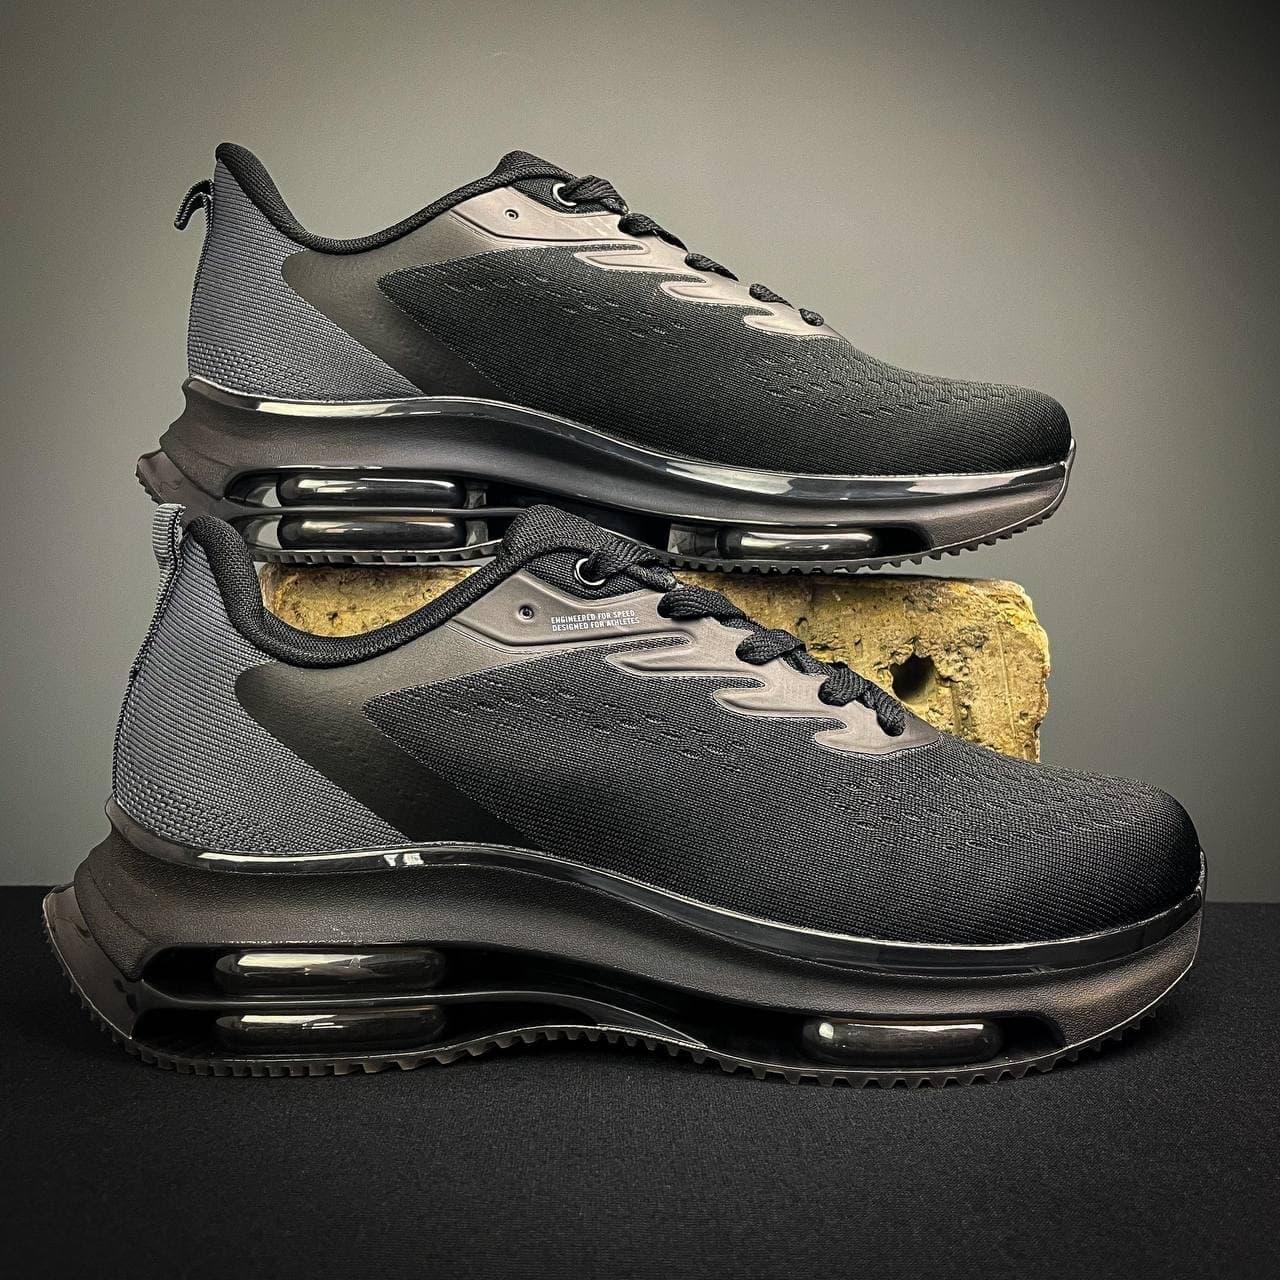 Мужские кроссовки в стиле Ривал  (черные) 40-45 код 1235-1